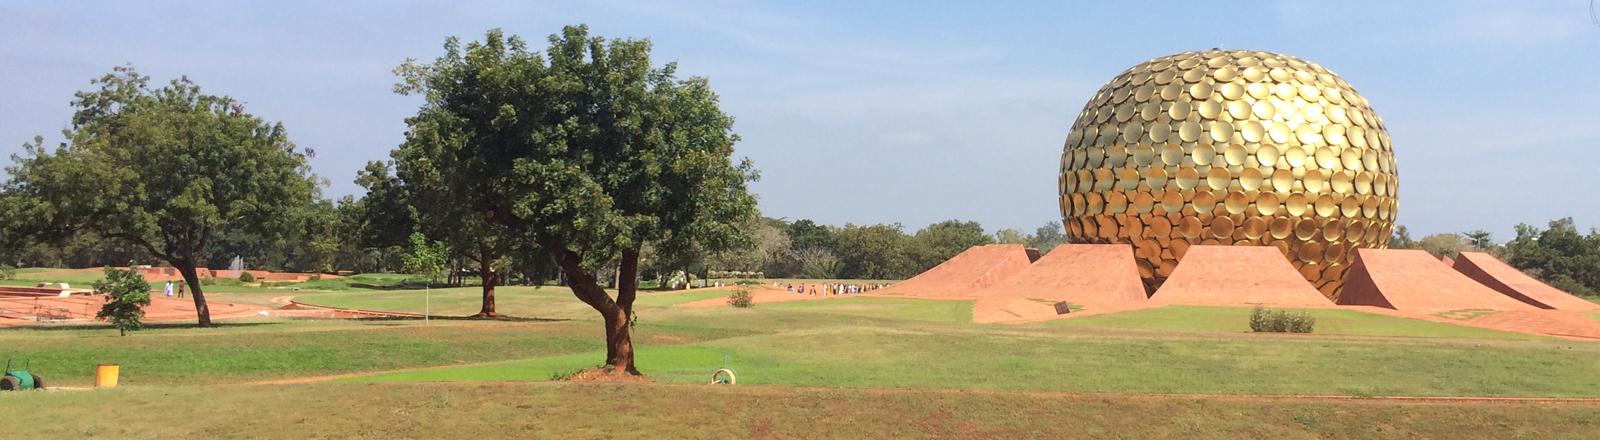 Eine gold-glänzende Kugel heißt Matrimandir und ist das spirituelle Zentrum der Gemeinde Auroville in Indien.